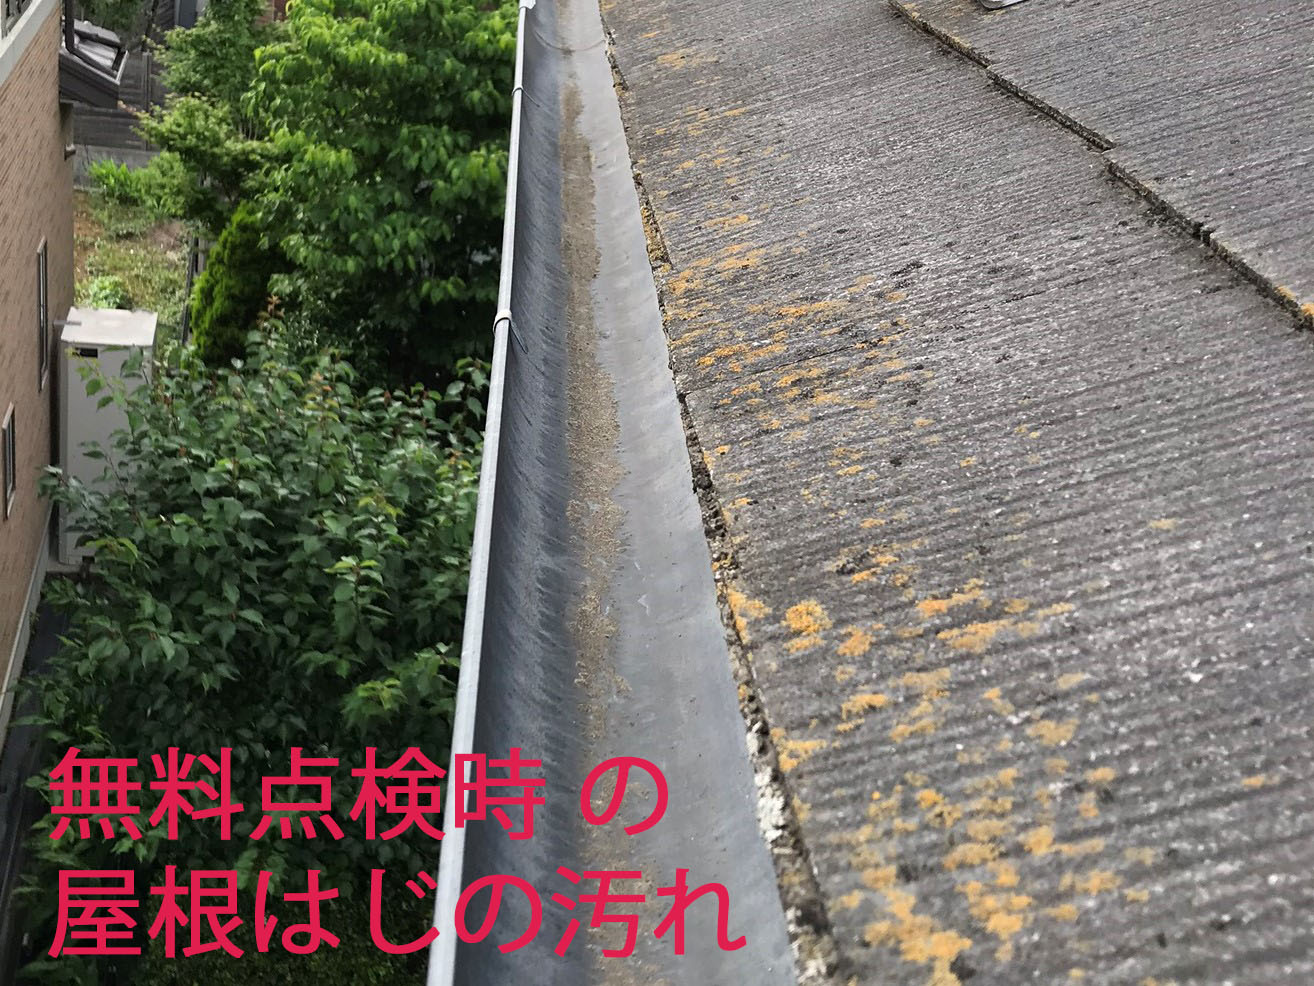 上尾市スレート屋根無料点検時の屋根端雨樋付近の汚れカビ苔